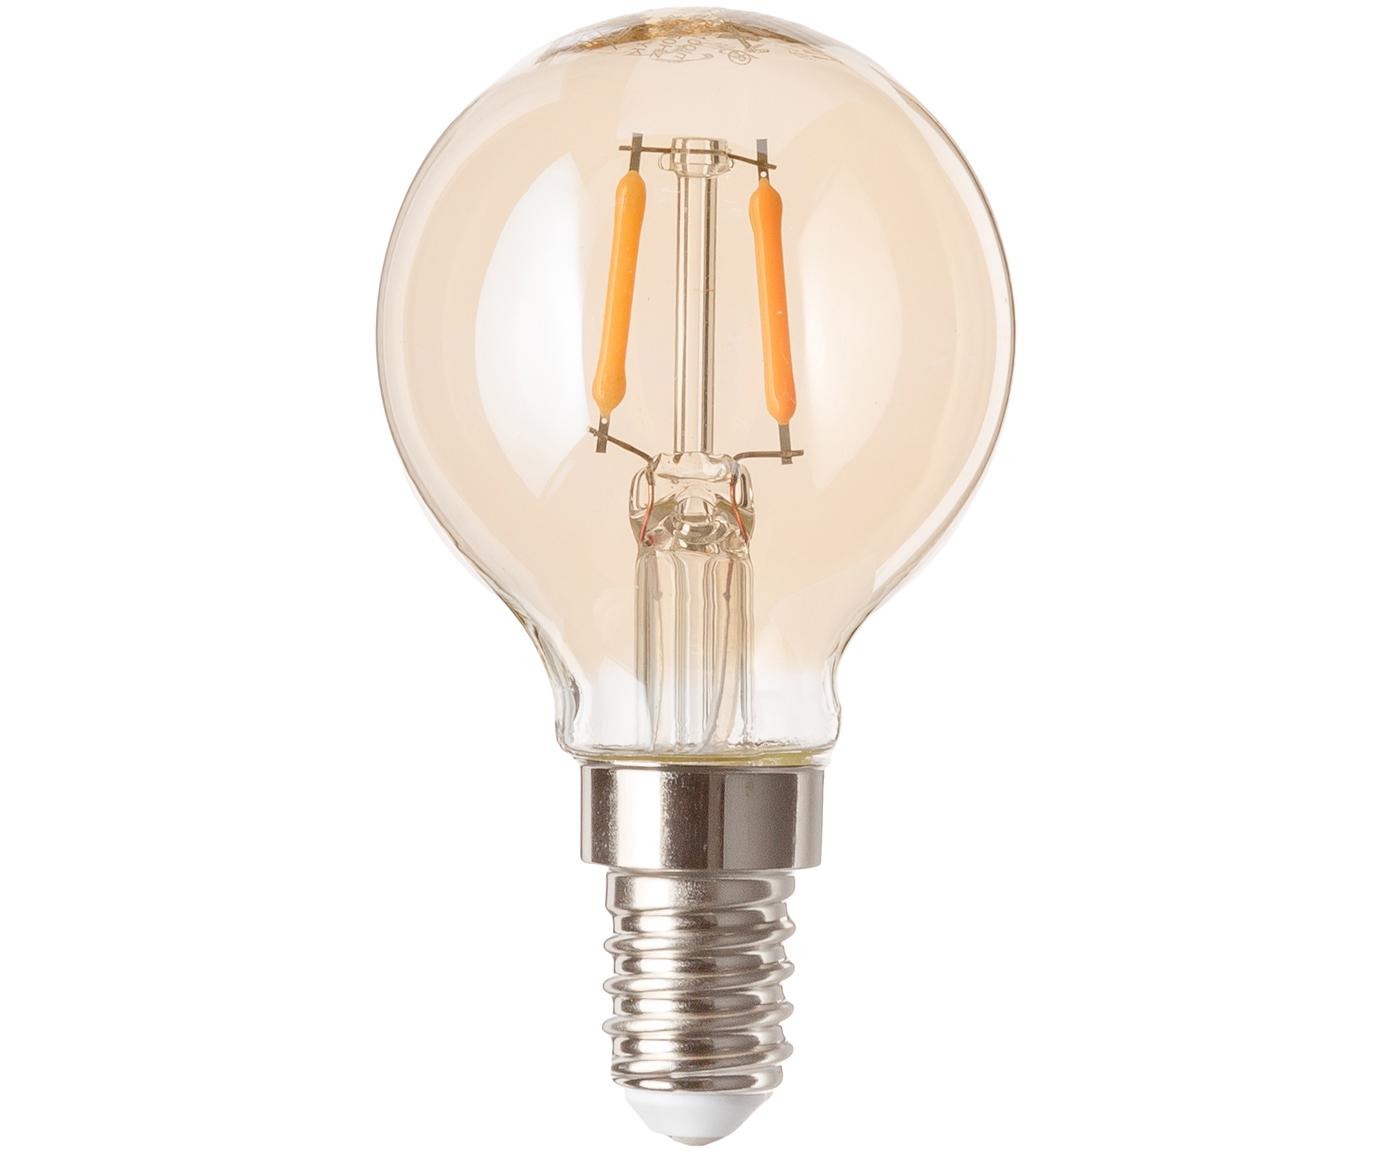 Bombillas Luel (E14/1,2W),5uds., Ampolla: vidrio, Casquillo: aluminio, Ámbar, Ø 5 x Al 8 cm